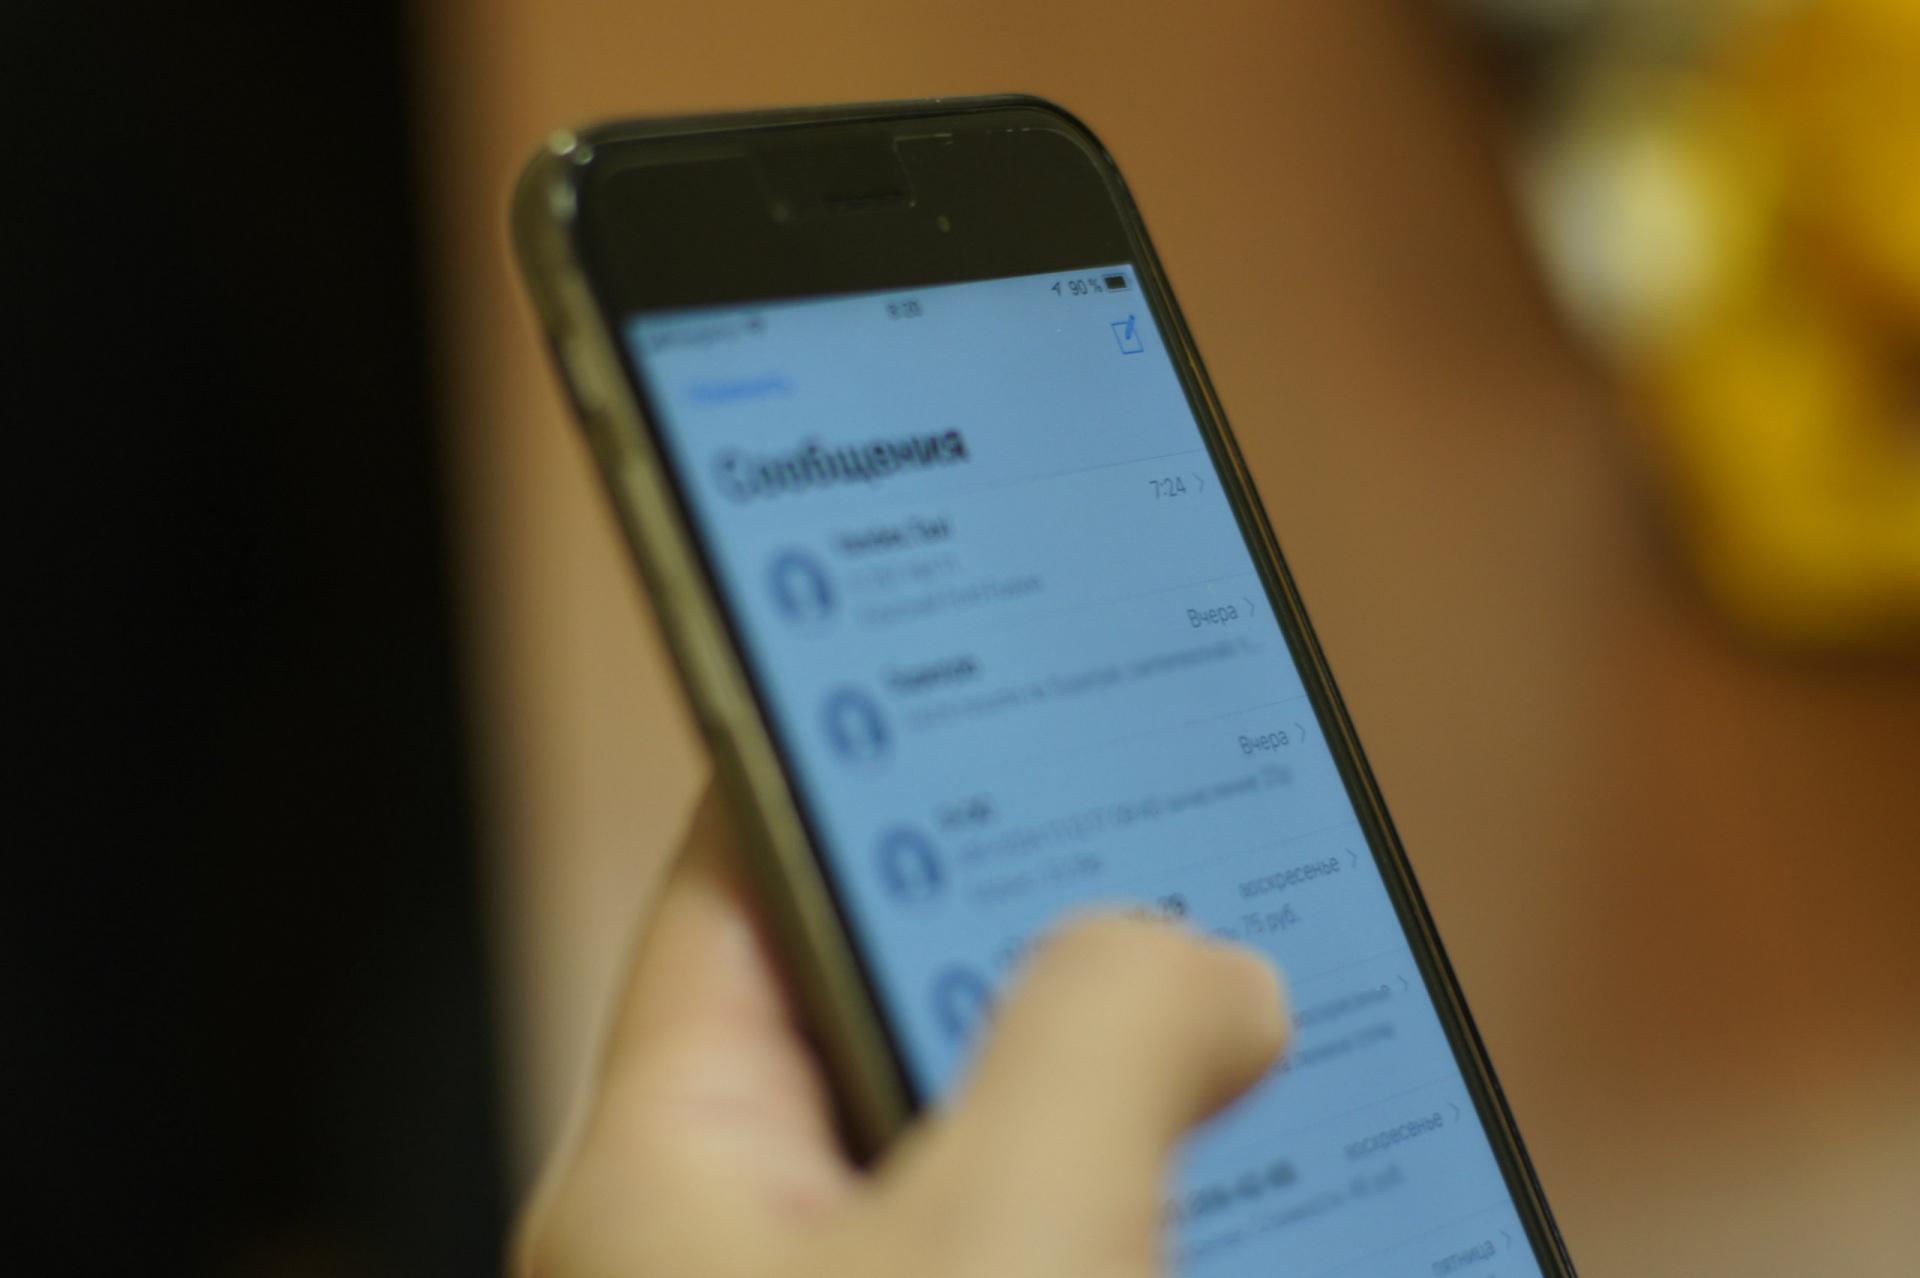 Должники продолжают получать смс-уведомления от судебных приставов Коми